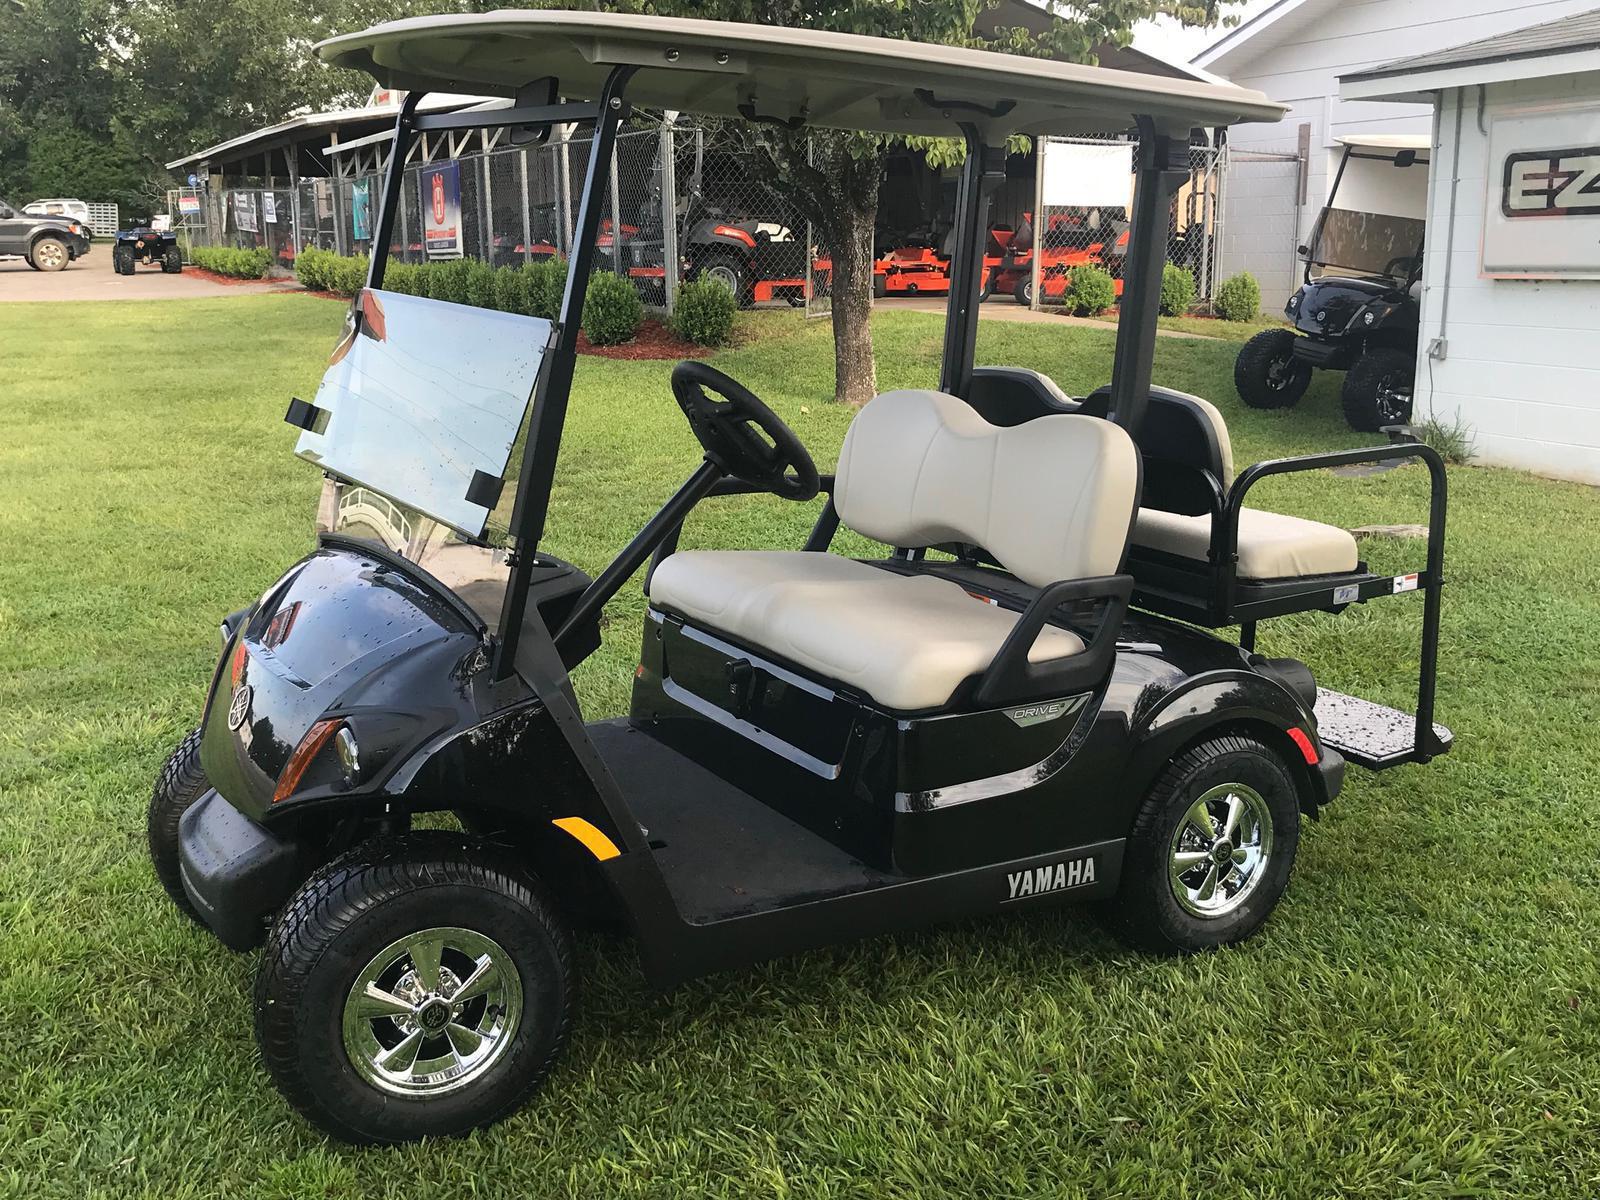 Yamaha Golf Cart Dealers Minnesota on yamaha gas powered golf carts, yamaha street legal golf carts, yamaha used gas golf carts, ezgo golf carts dealers, yamaha golf carts mississippi, club car dealers, yamaha side by side dealers, yamaha golf carts florida,